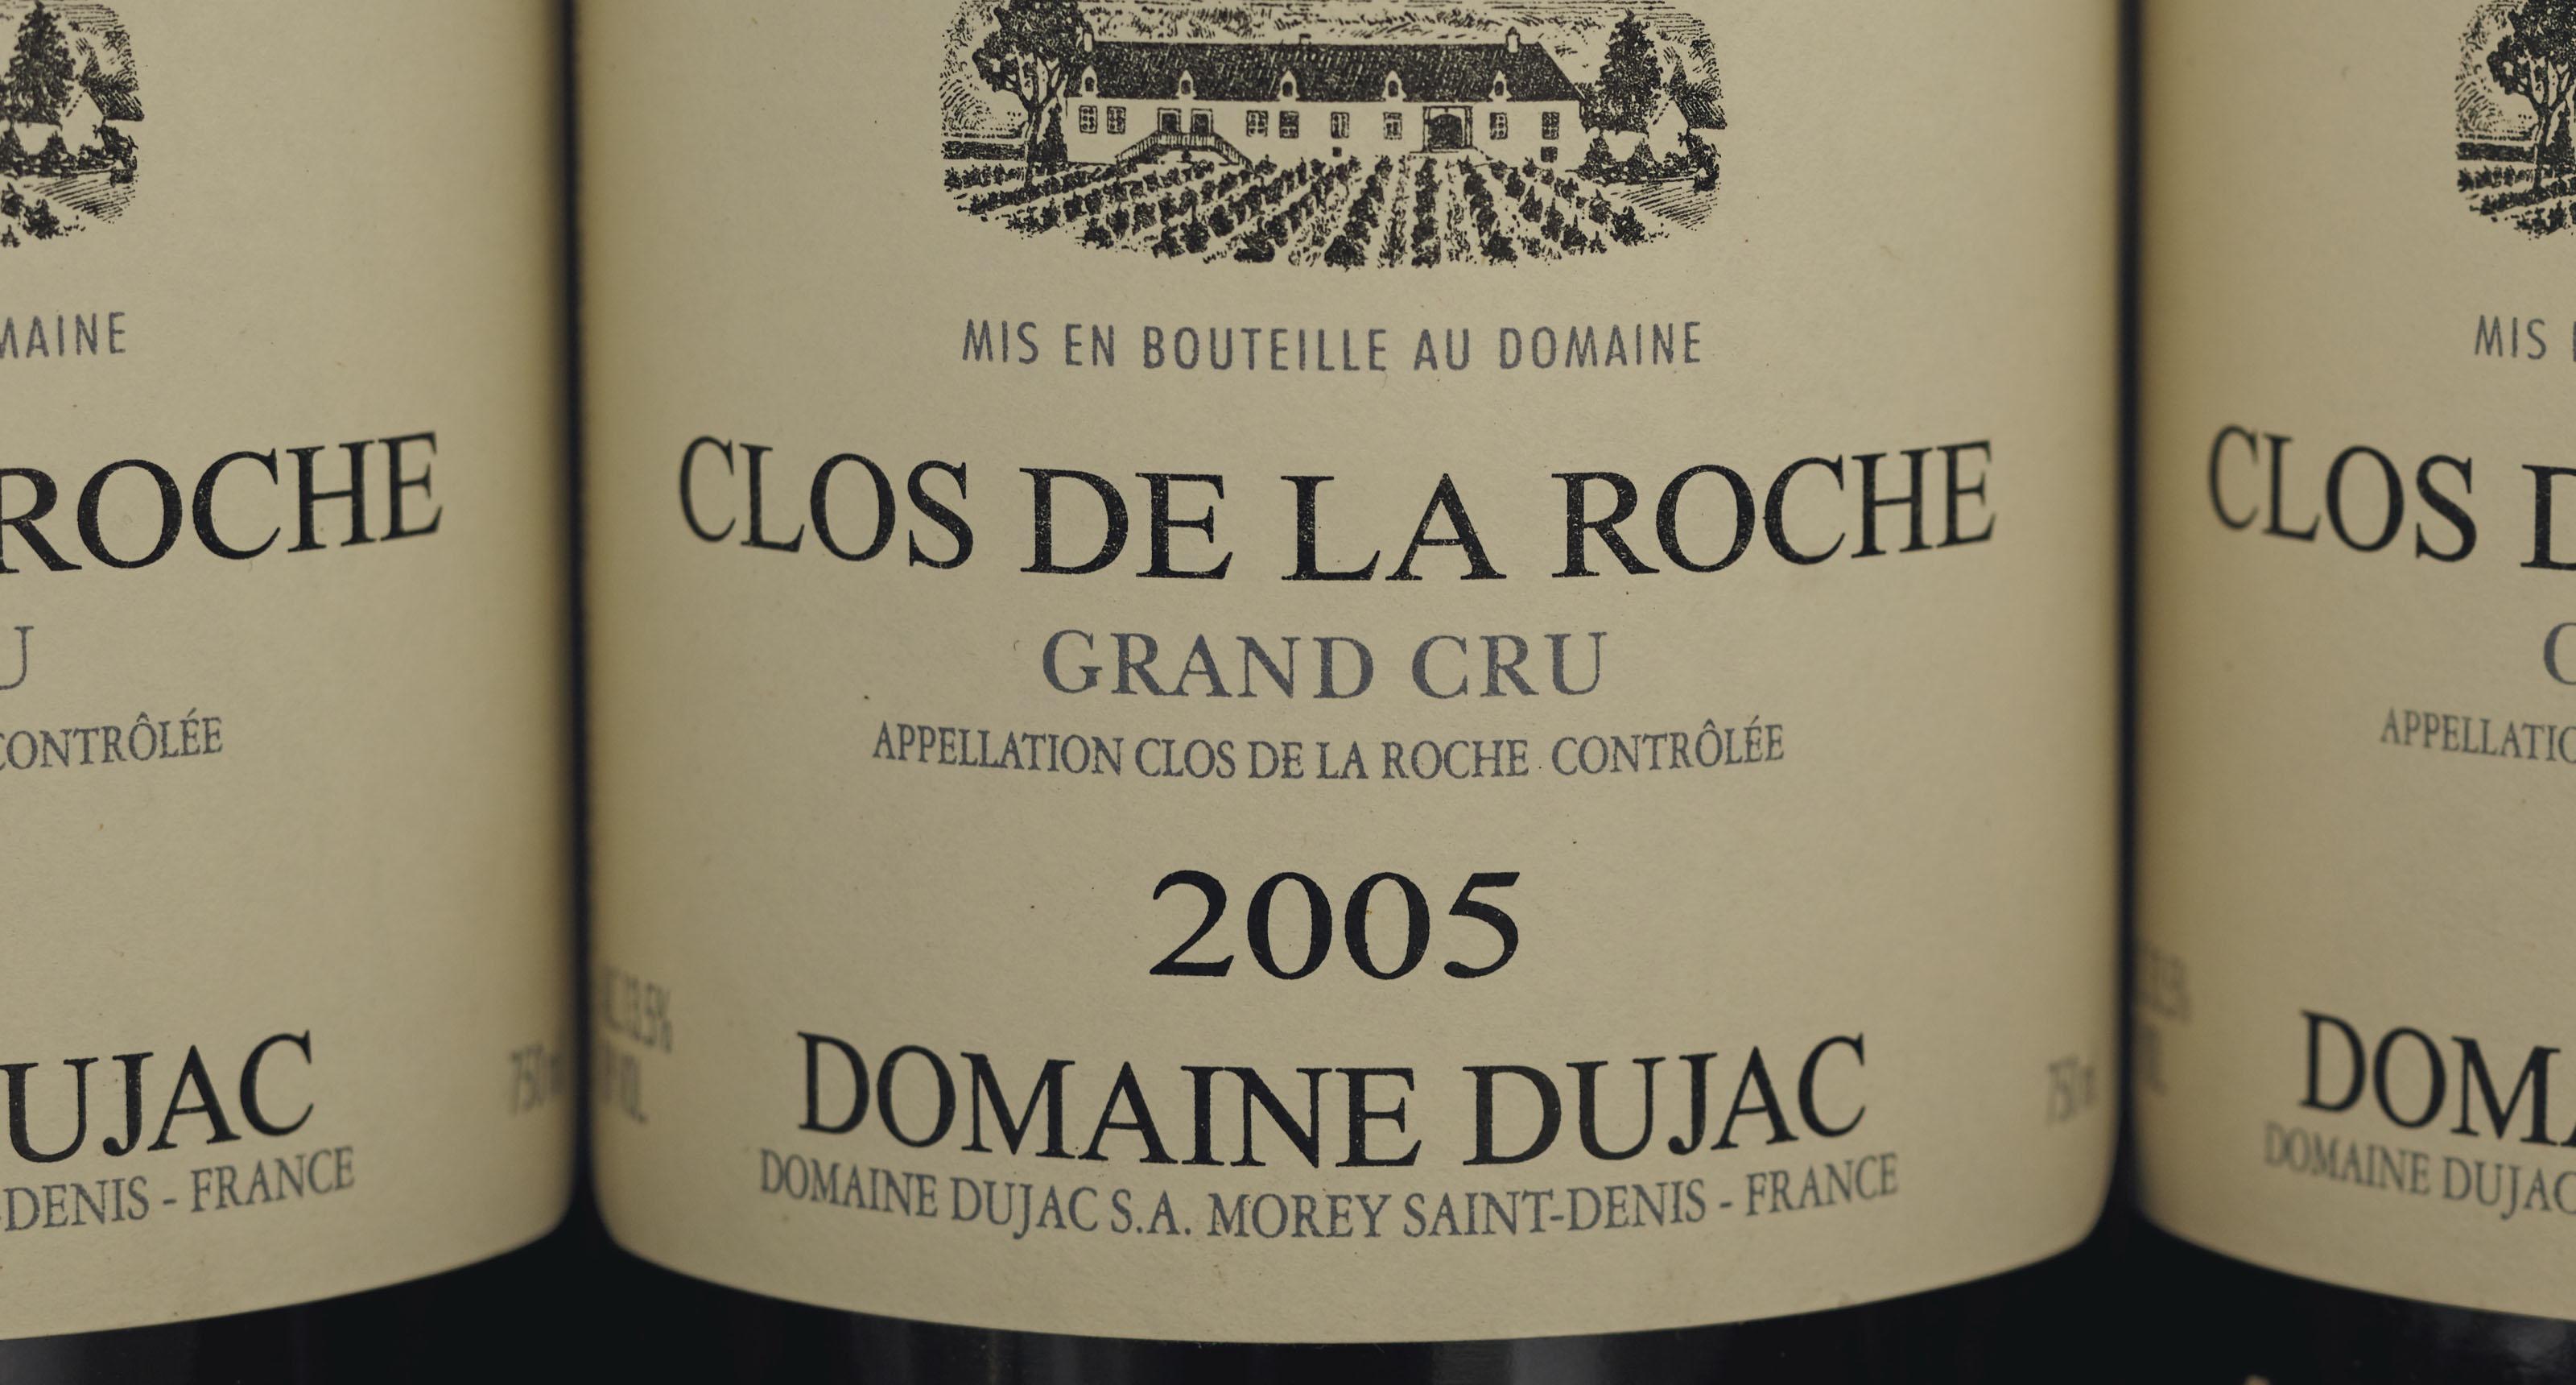 Dujac, Clos de la Roche 2005